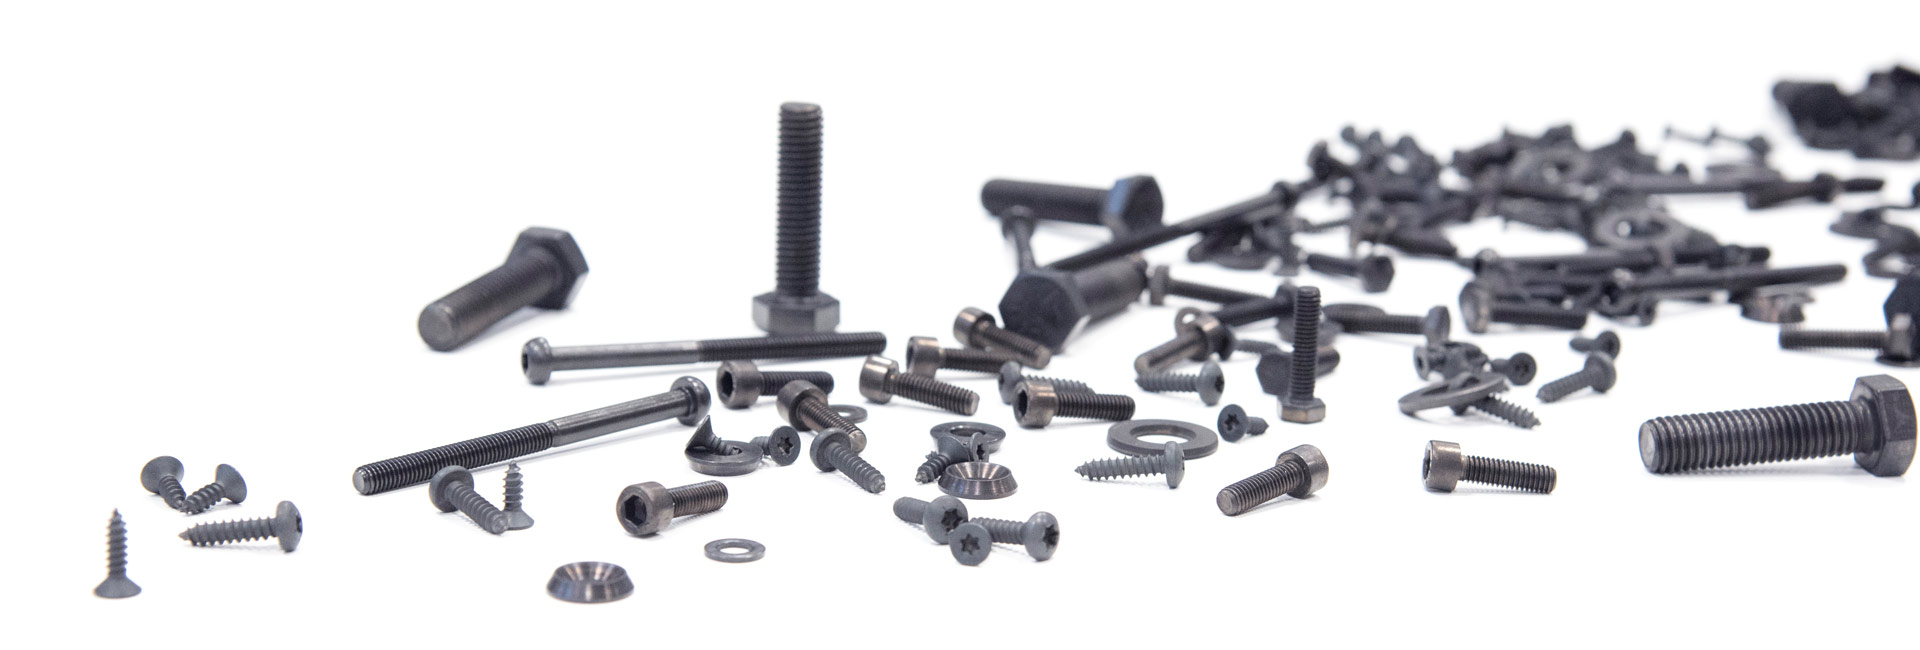 Oberflächenbeschichtung Schraube für das Plus an Leistung